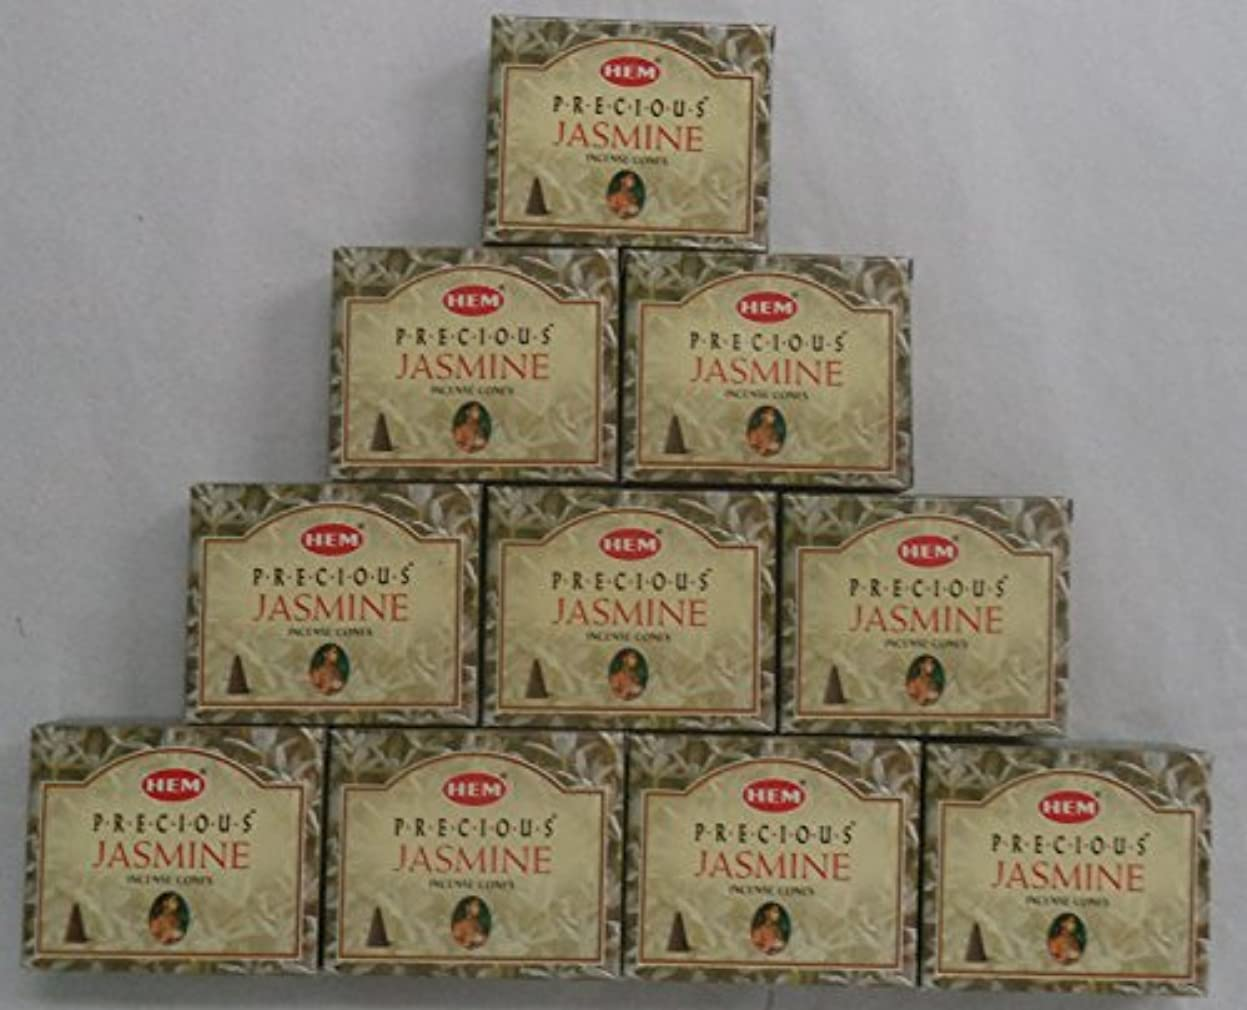 しゃがむ文芸被害者HEM Incense Cones: Precious Jasmine - 10 Packs of 10 = 100 Cones by Hem